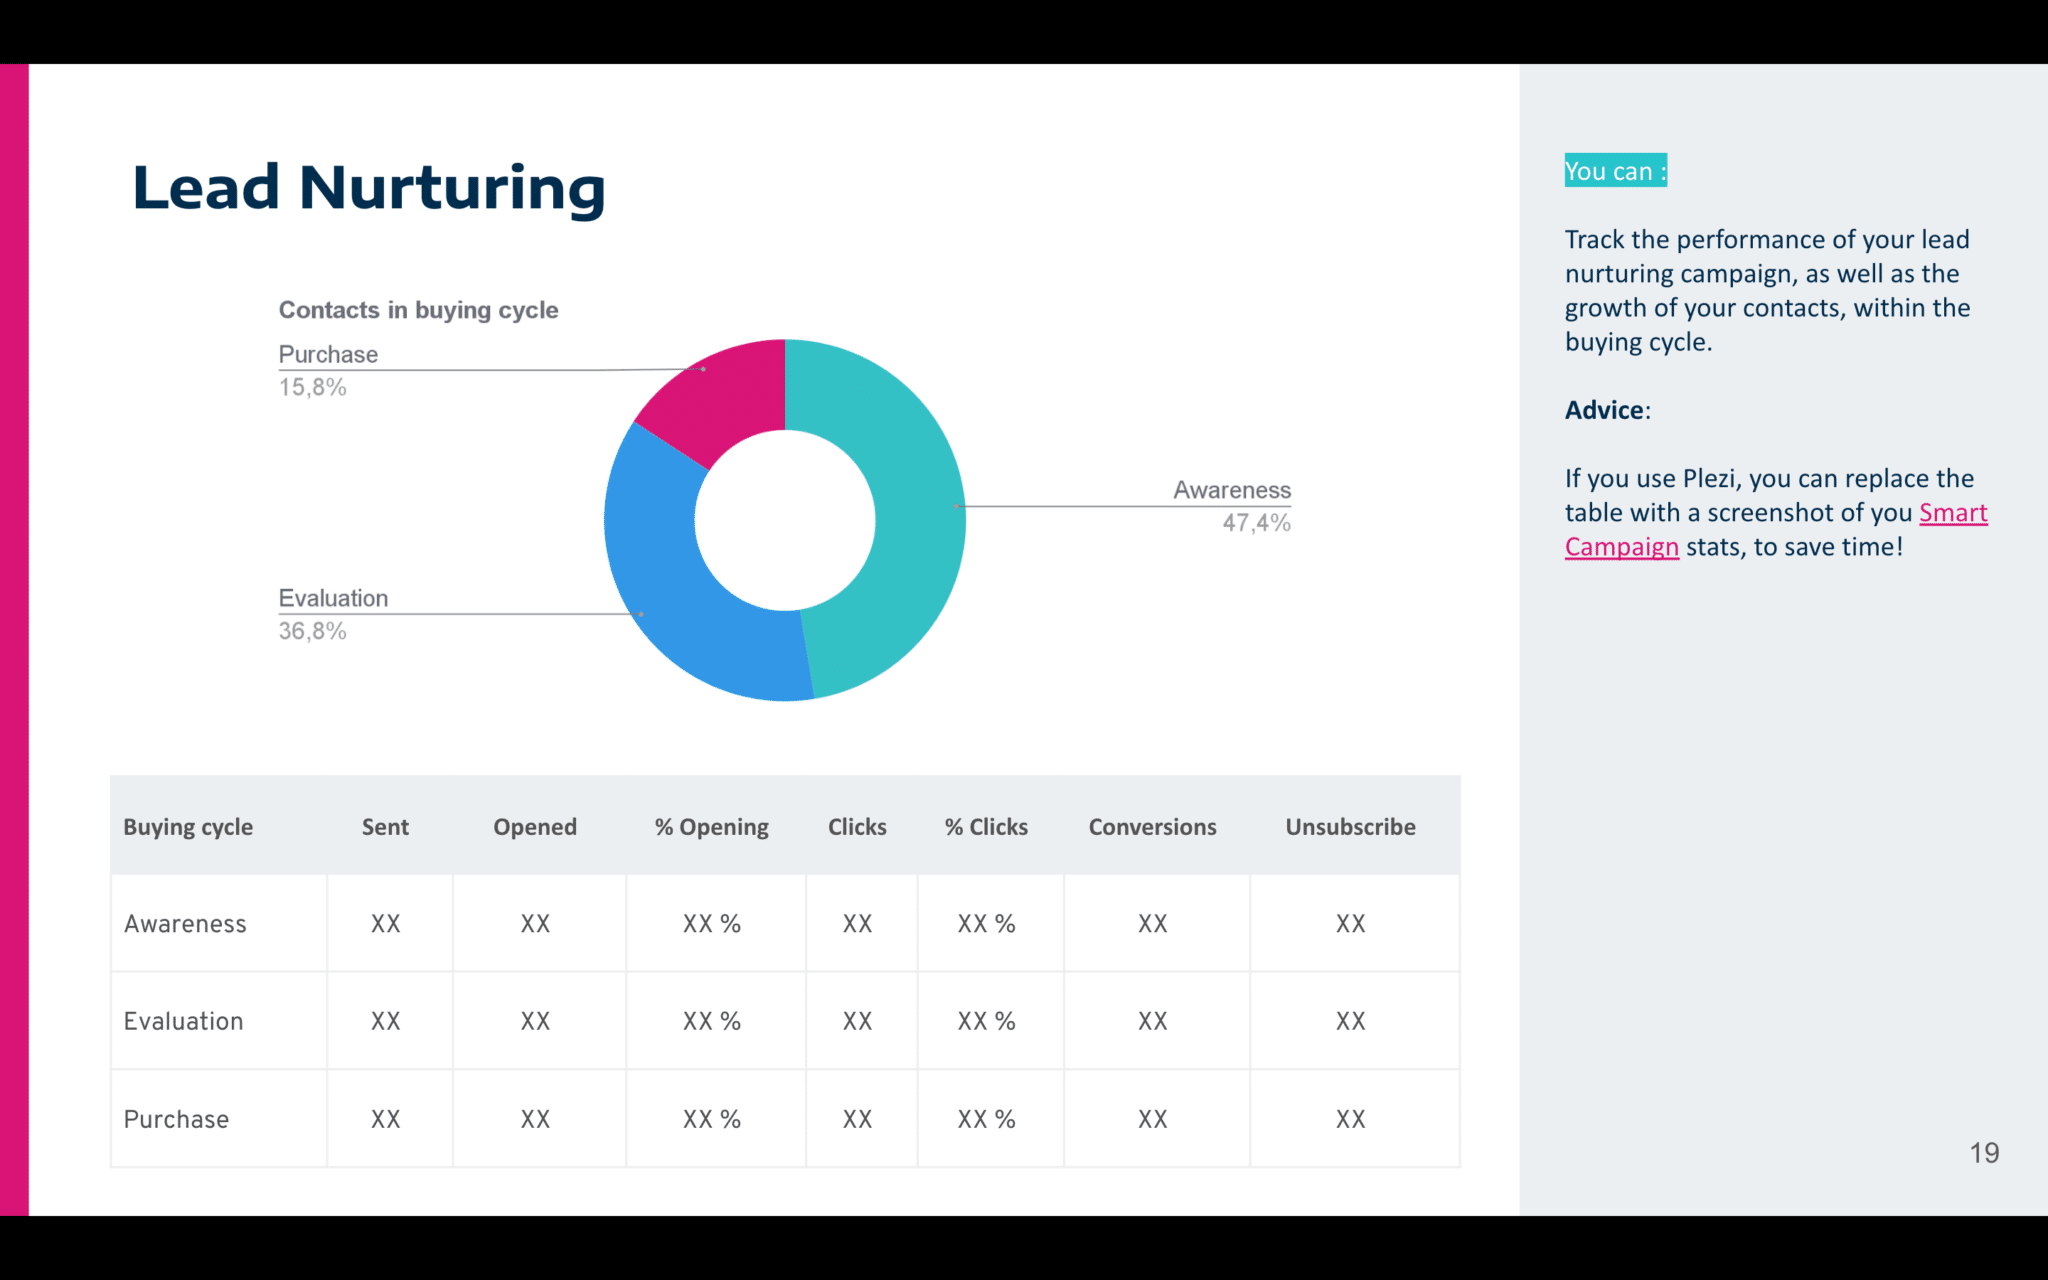 Marketing report - lead nurturing